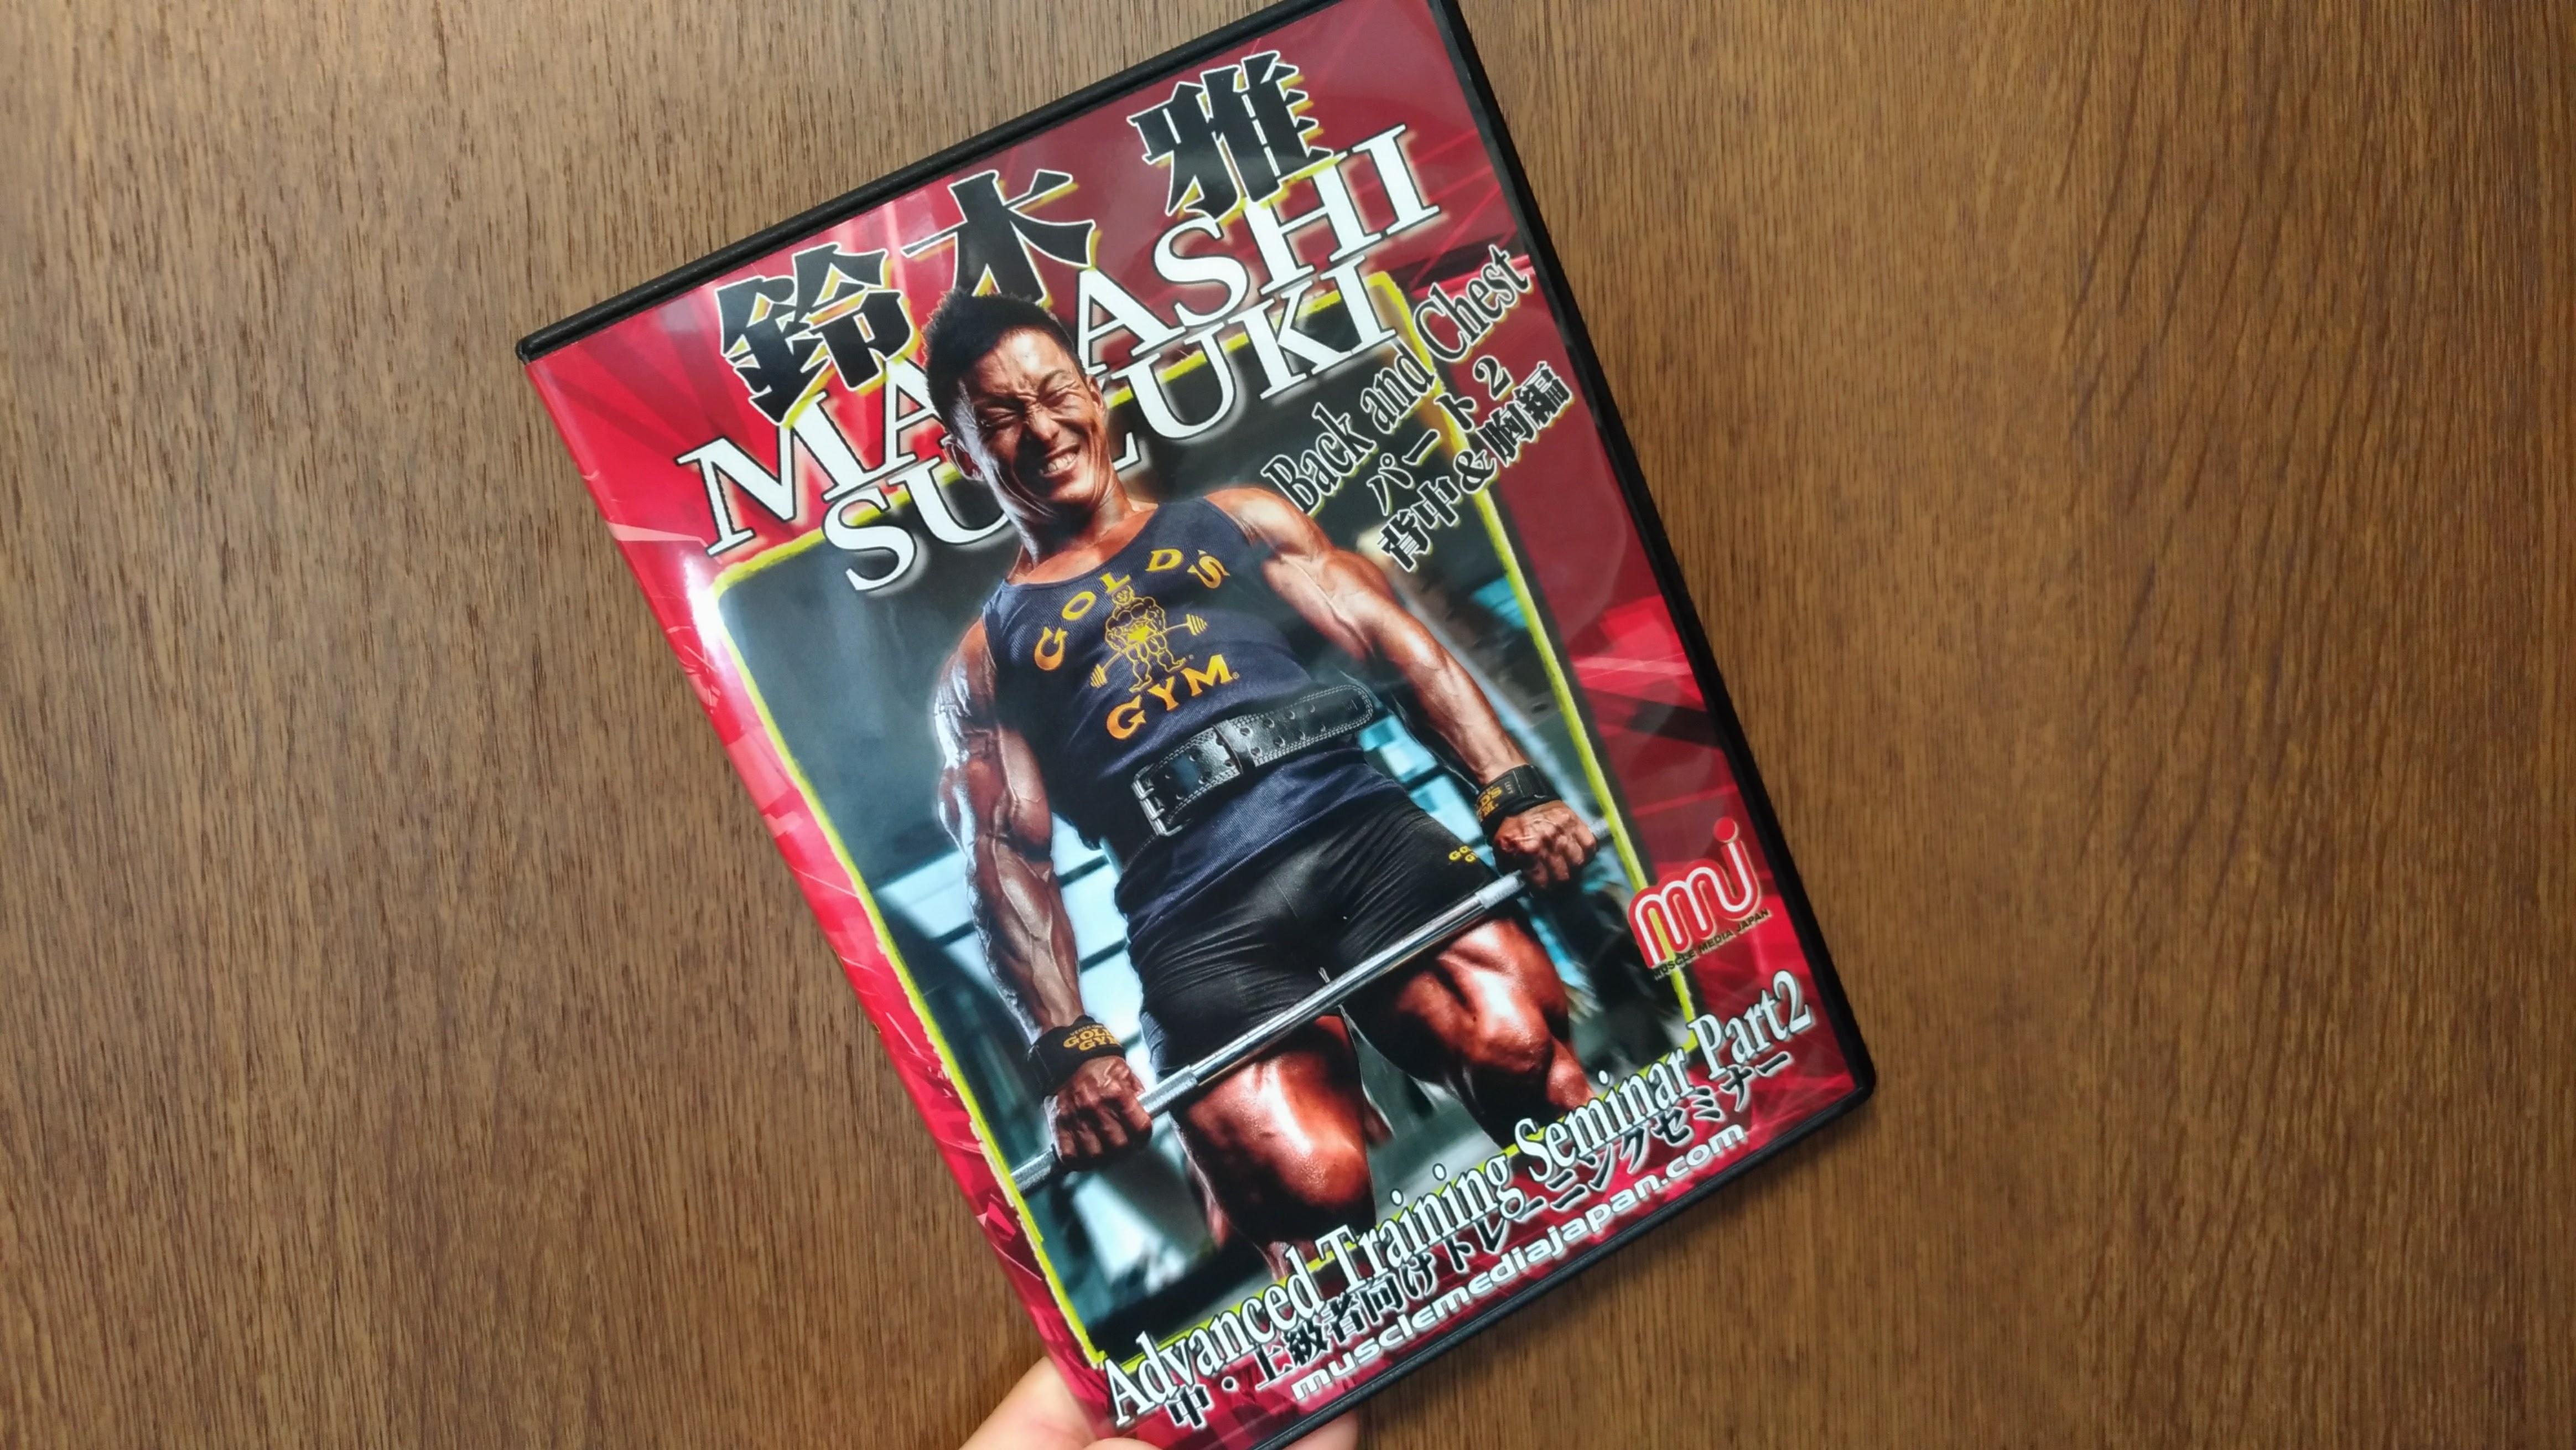 背中・胸が苦手な人は必見。鈴木雅アドバンスドトレーニングセミナー(背中&胸)DVDレビュー